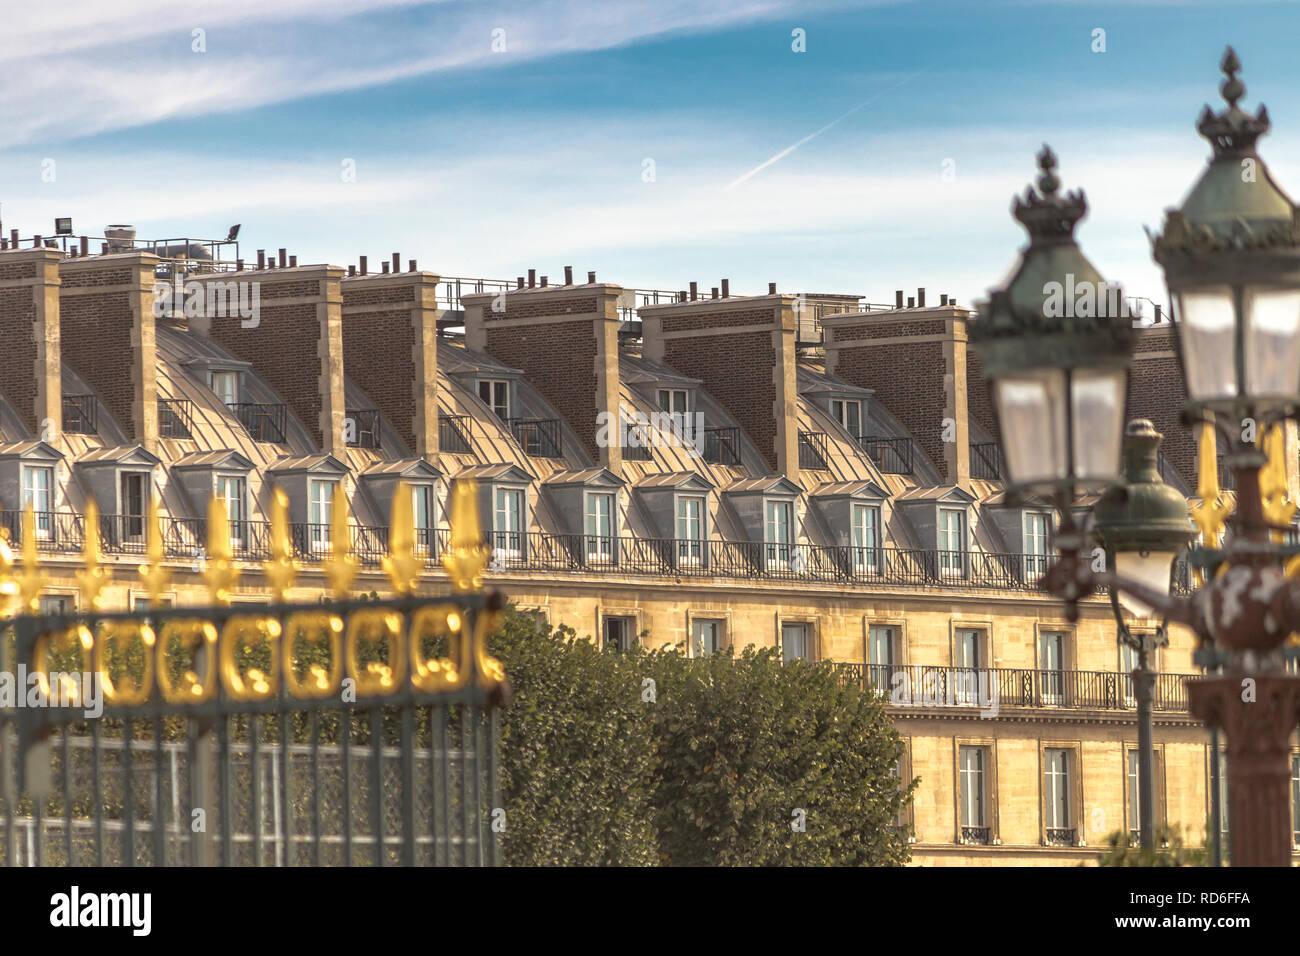 Grand Paris apartamentos con habitaciones abuhardilladas como se ve desde los portones de TheJardin Des Tuileries a lo largo de la Rue de Rivoli , Paris , Francia Imagen De Stock